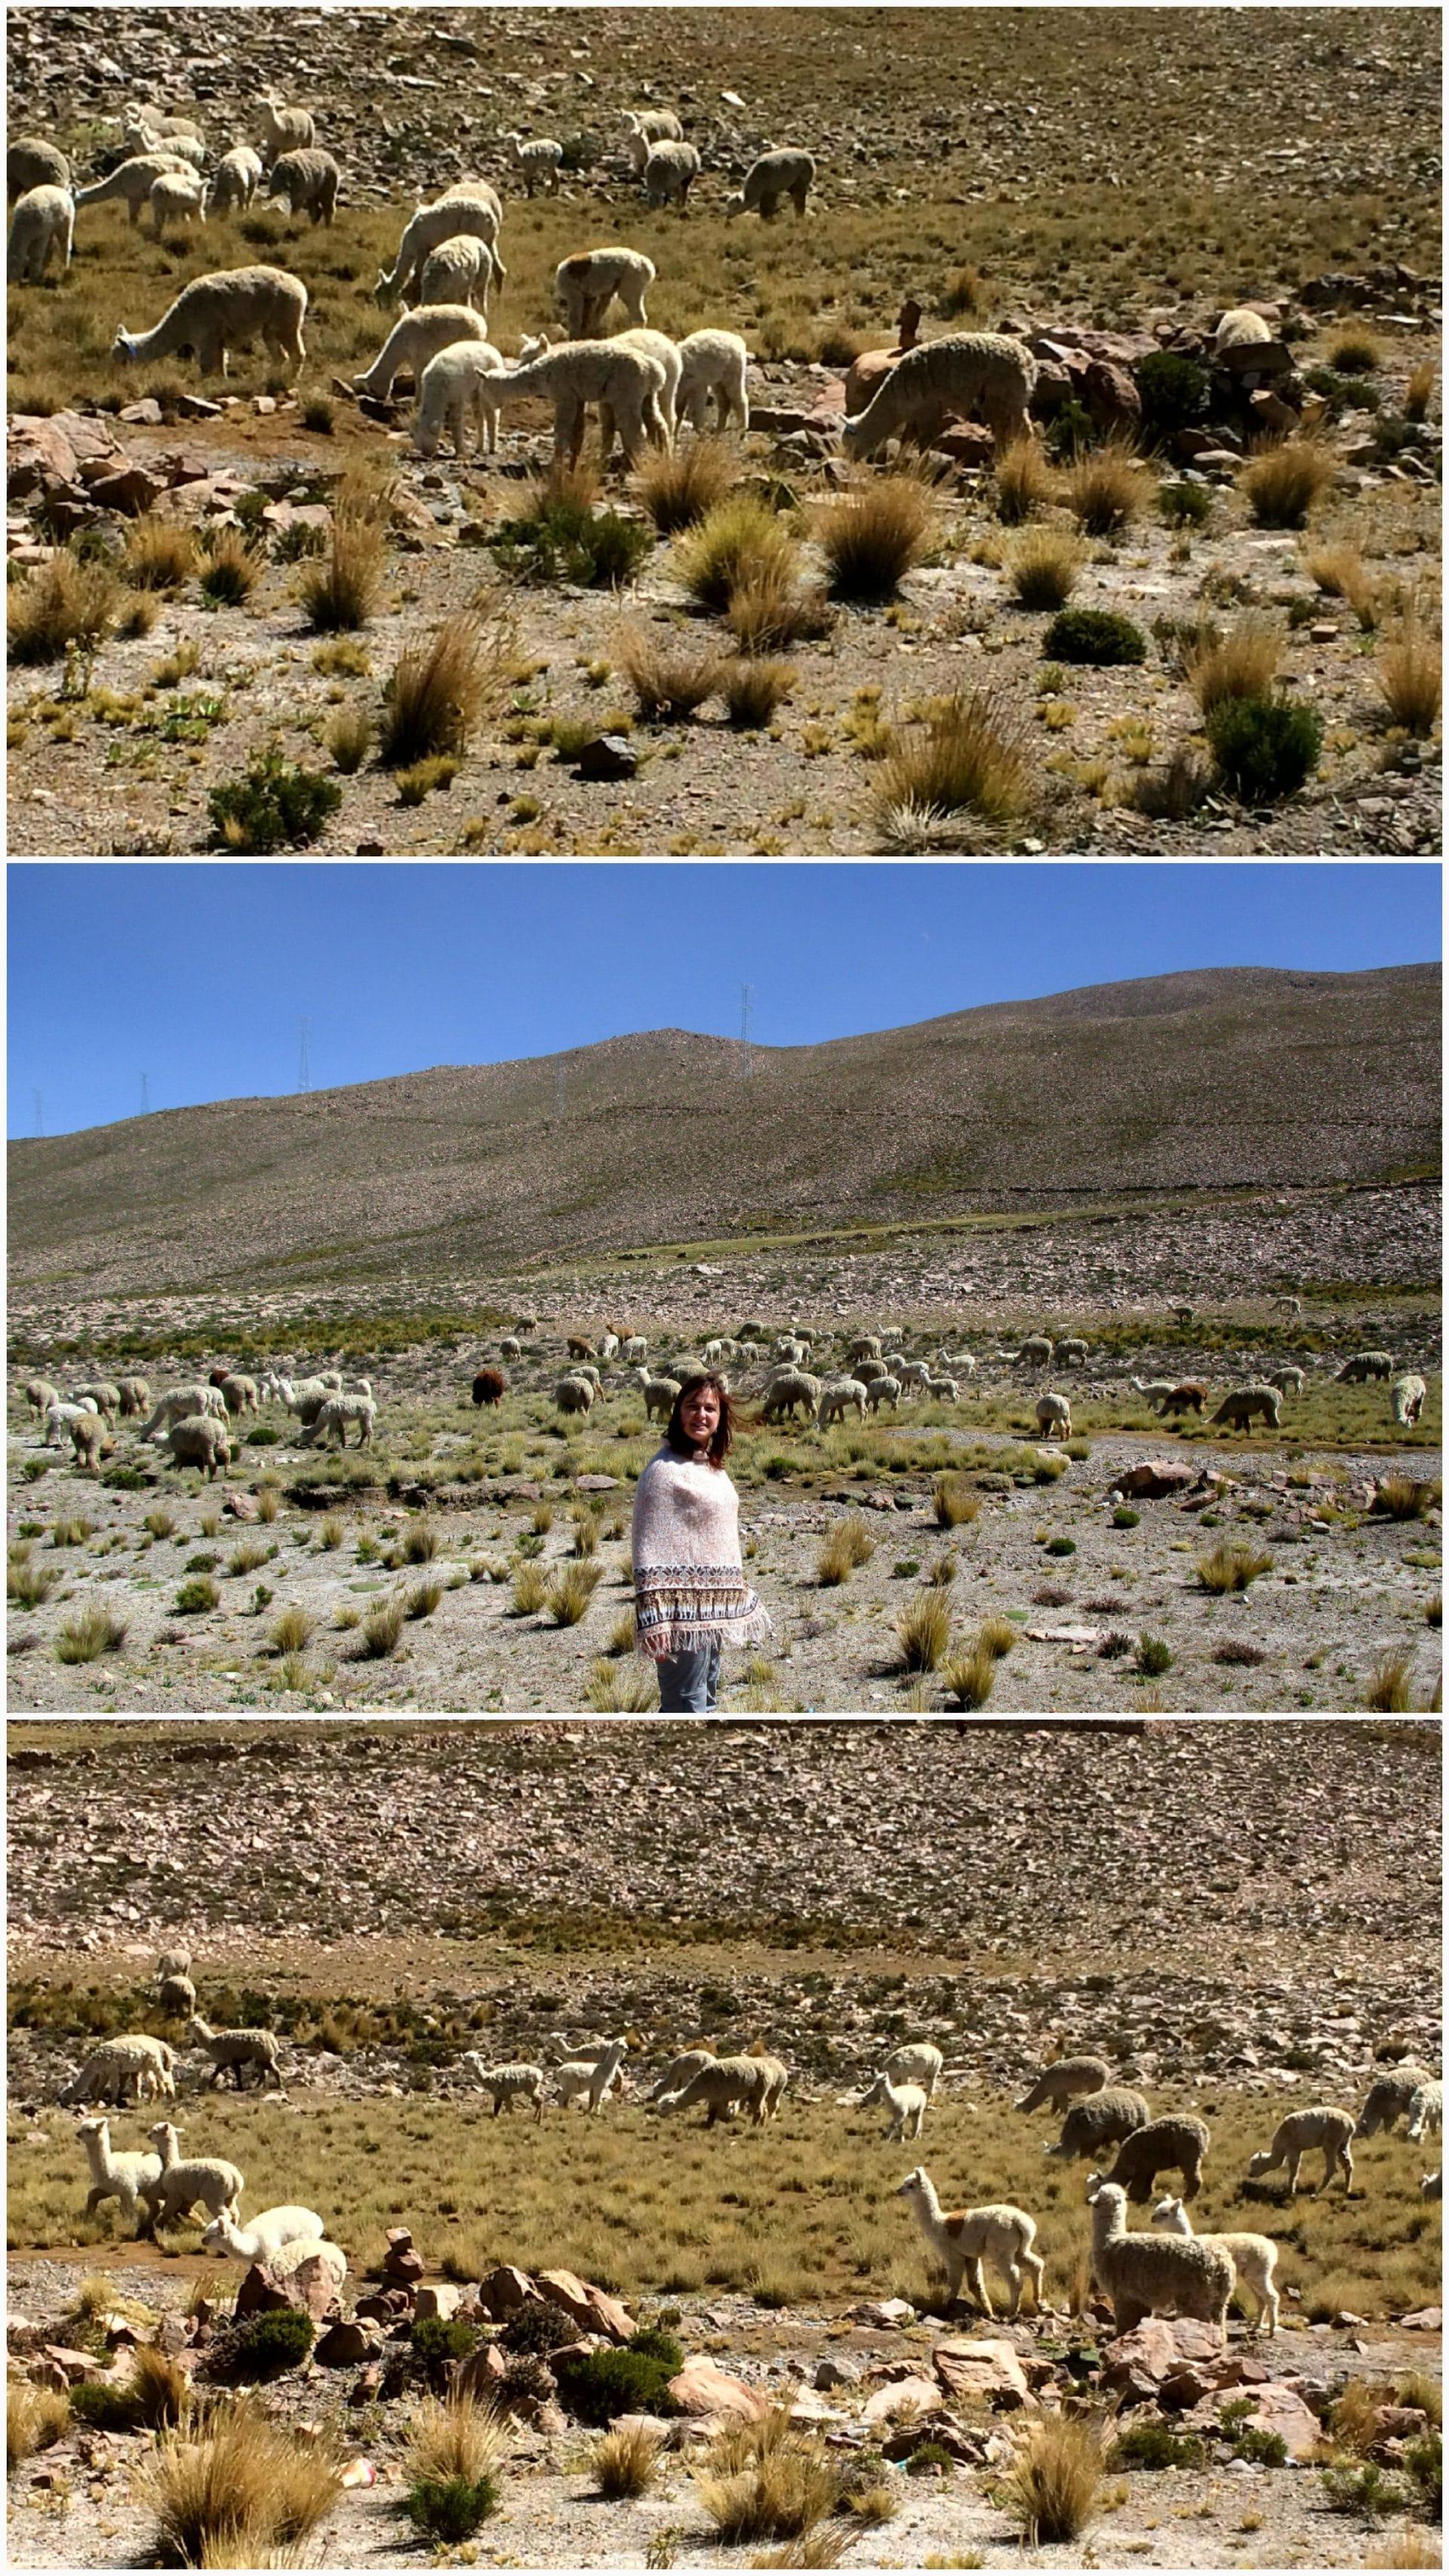 Lamas et alpagas au pérou